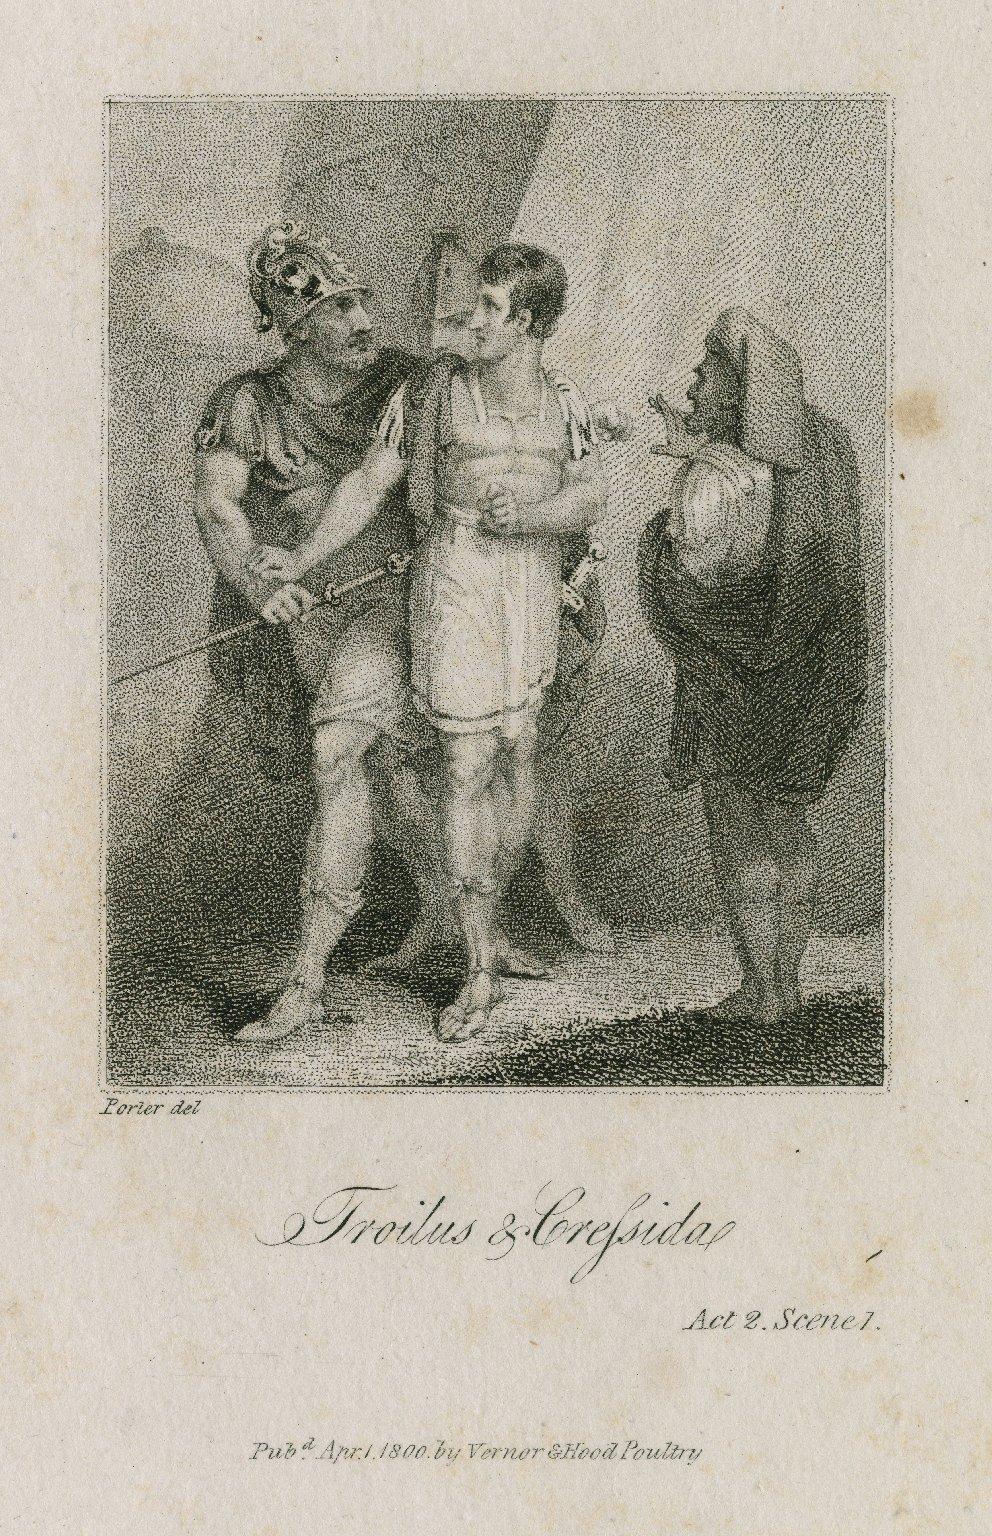 Troilus & Cressida, act 2, sc. 1 [graphic] / Porter del.